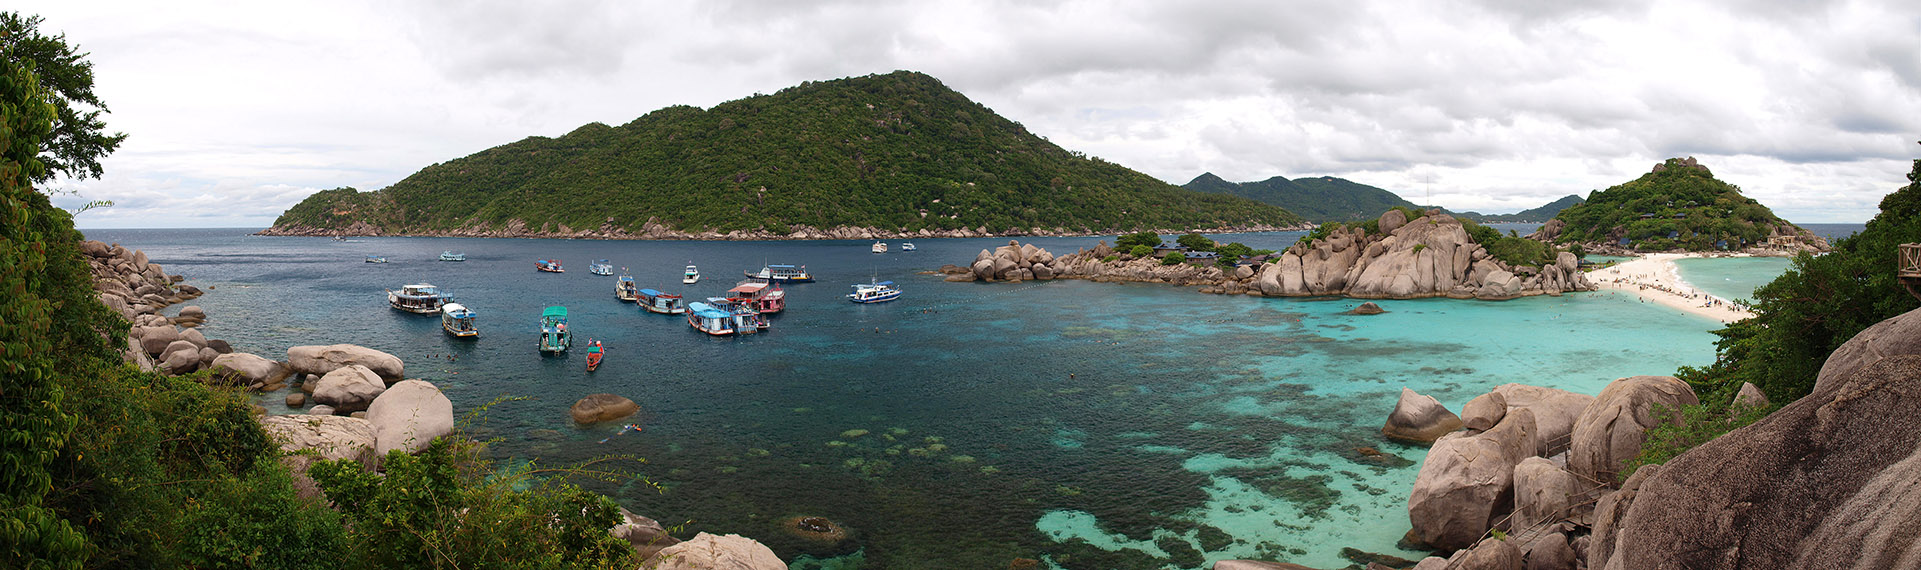 praia-tailandia